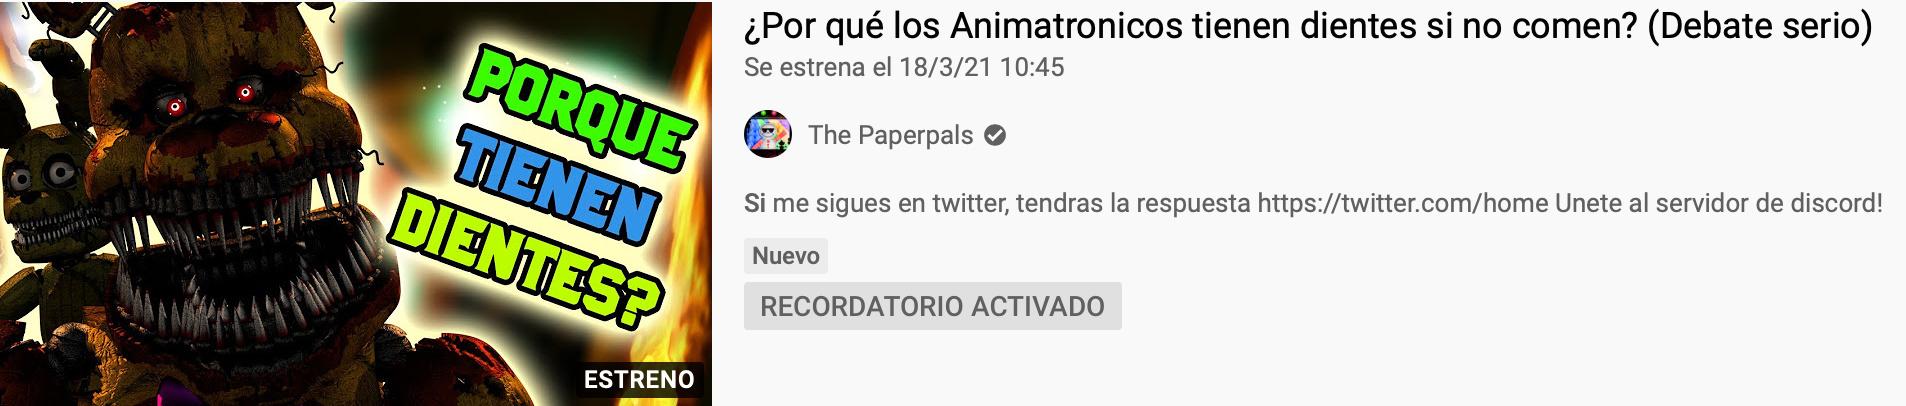 MAYORES DUDAS DEL UNIVERSO - meme